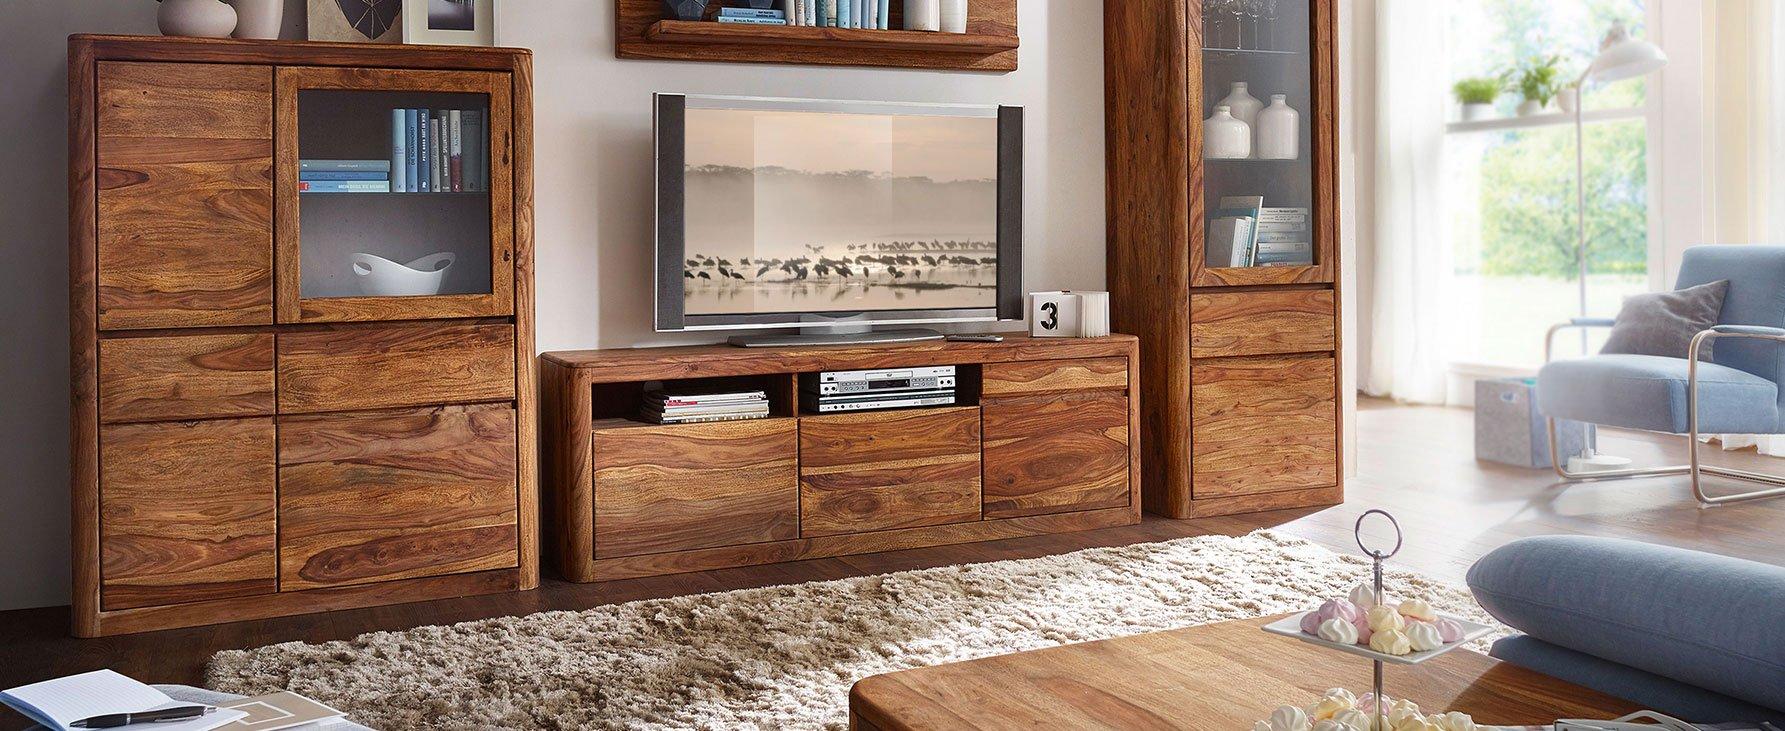 Wohnzimmer Esszimmer New York aus Sheesam Holz, Bild 2